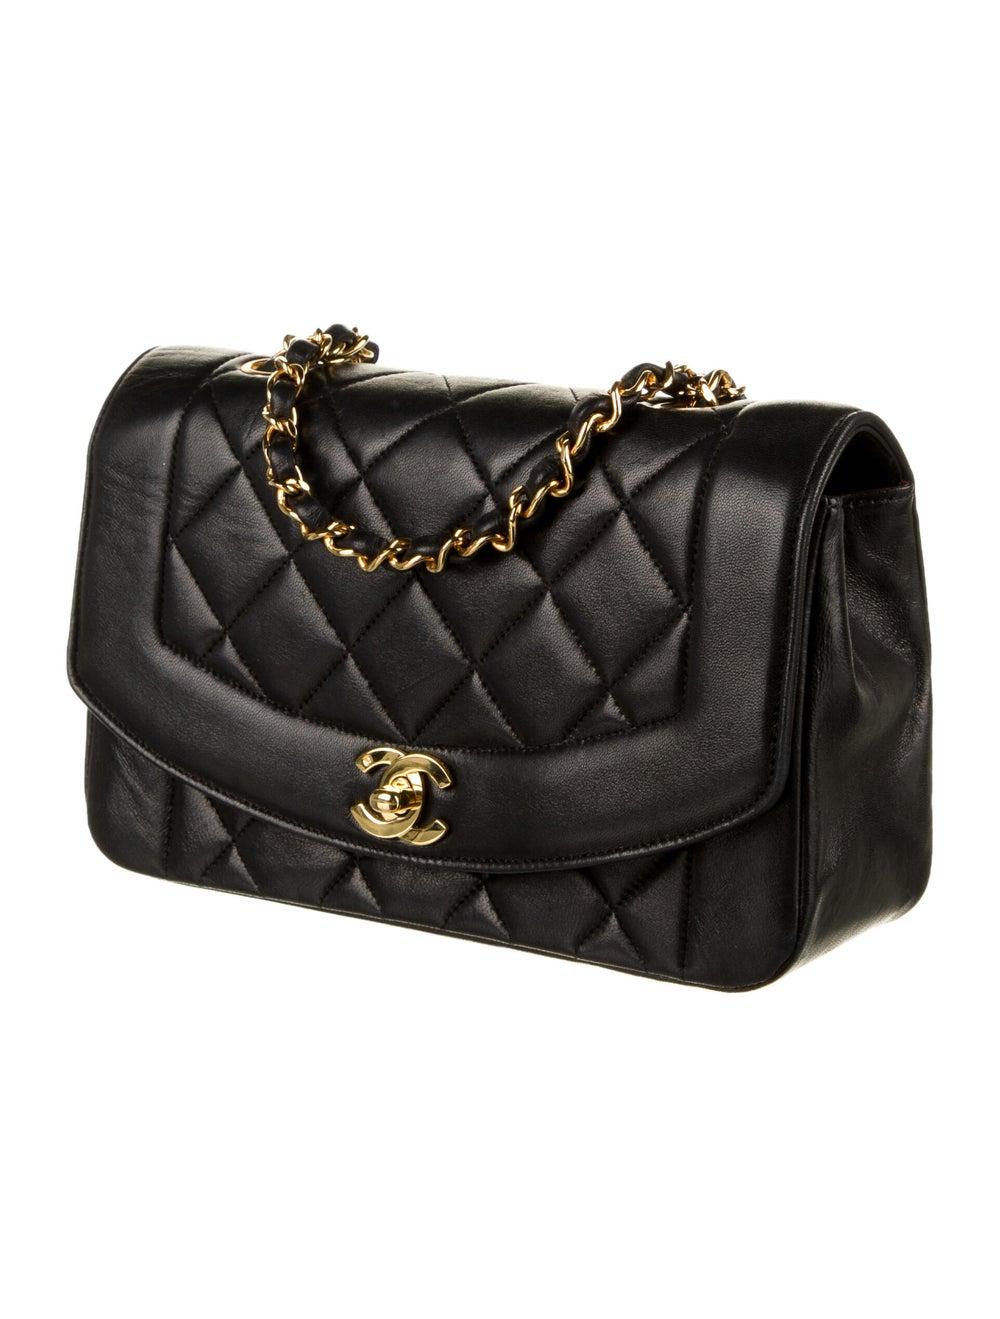 Chanel Vintage Diana Flap Bag Black - image 3